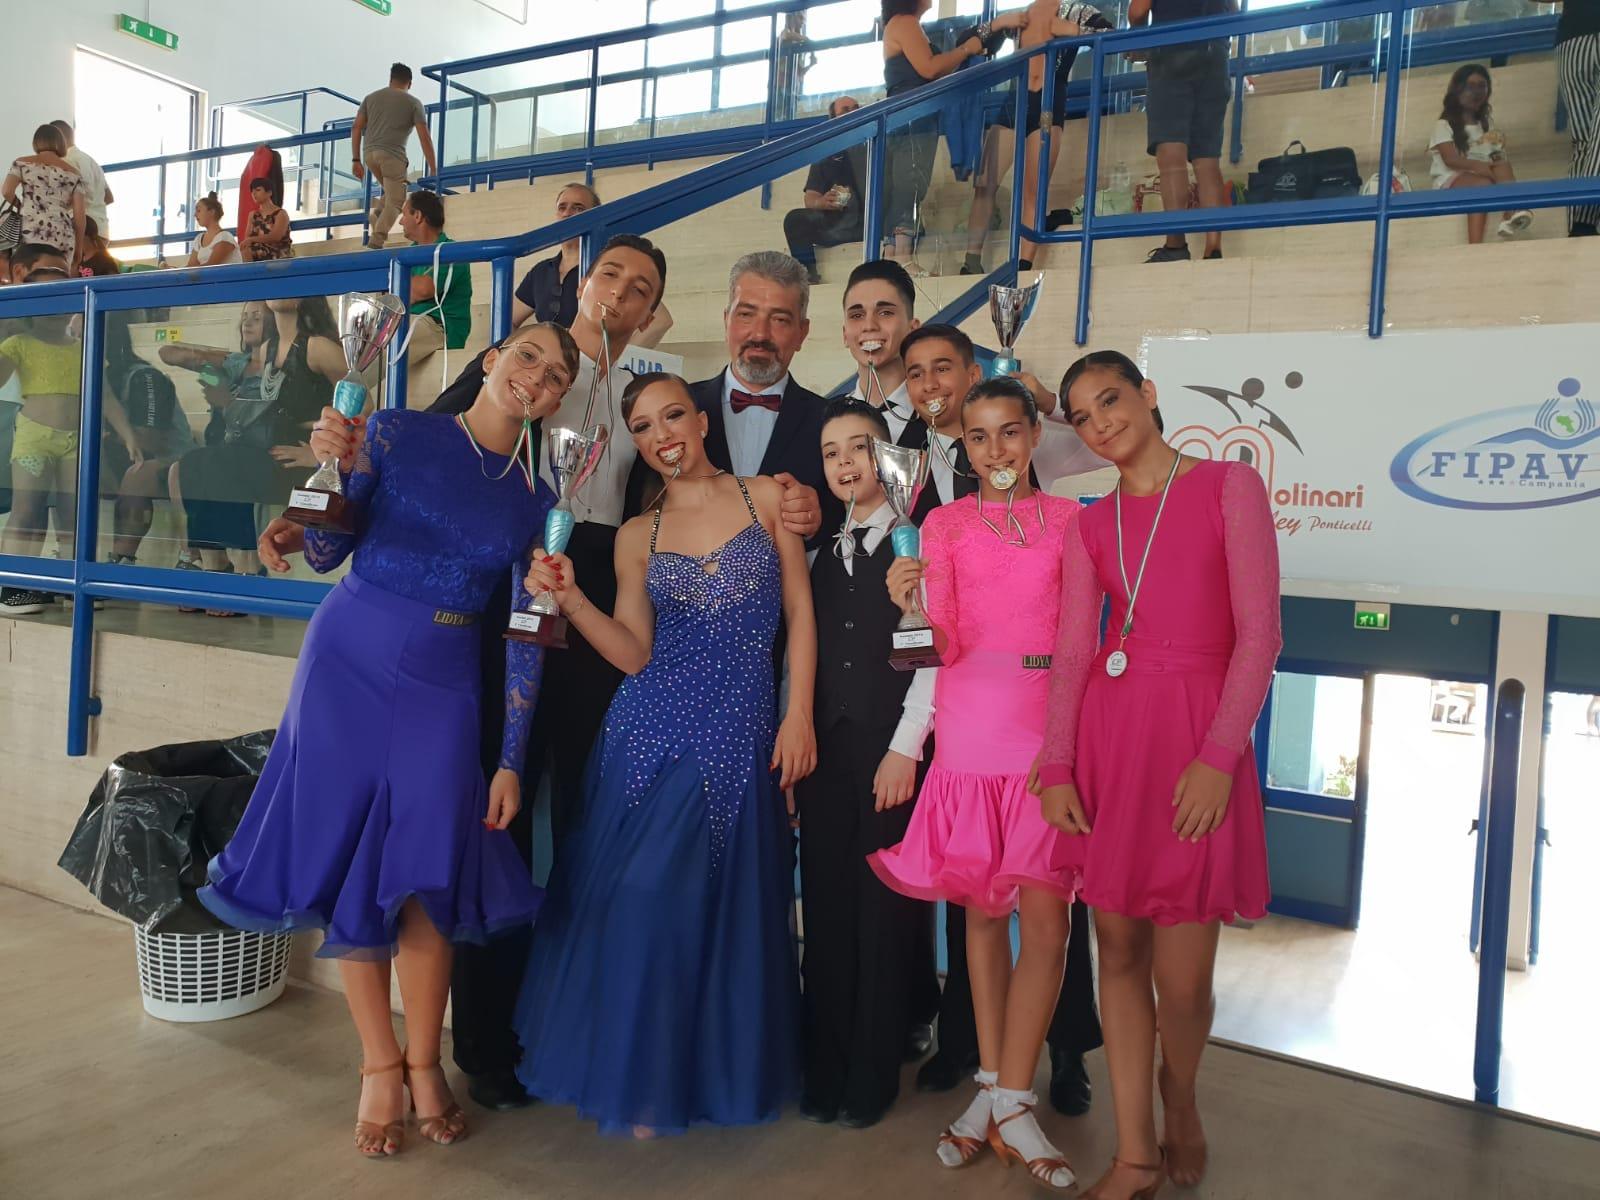 Tropicana Dance, quanti premi ai campionati nazionali!